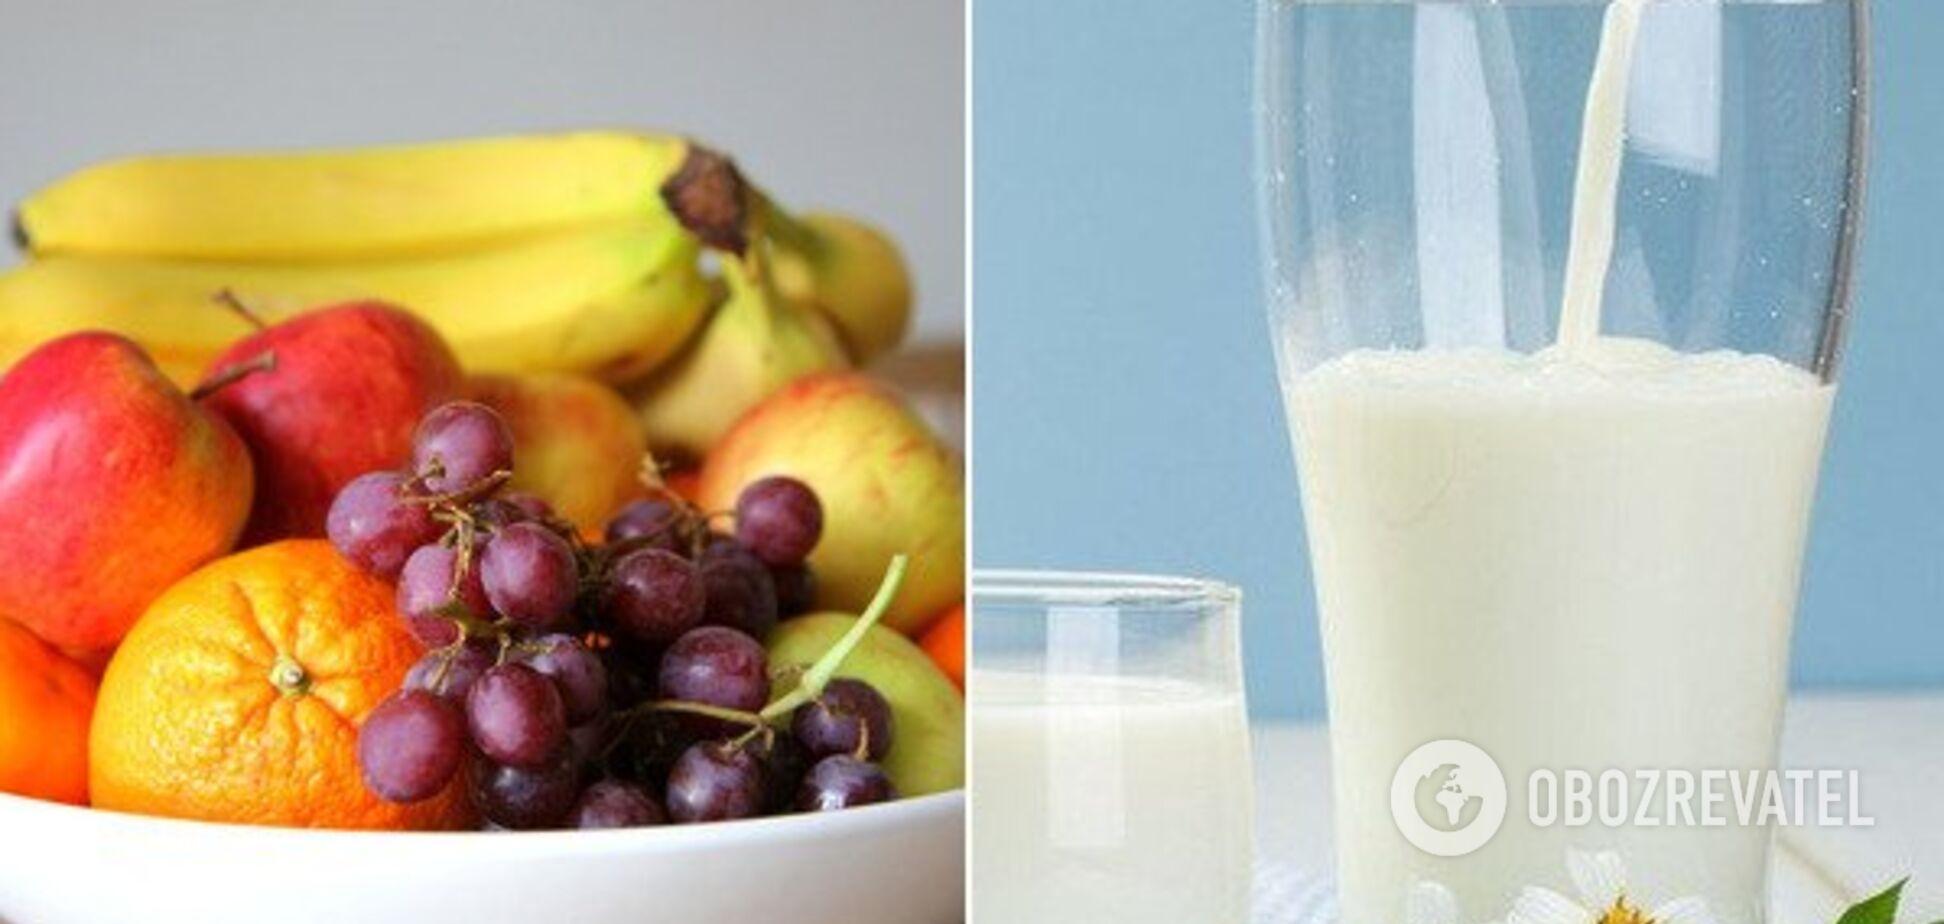 Диетолог дала советы о правильном питании